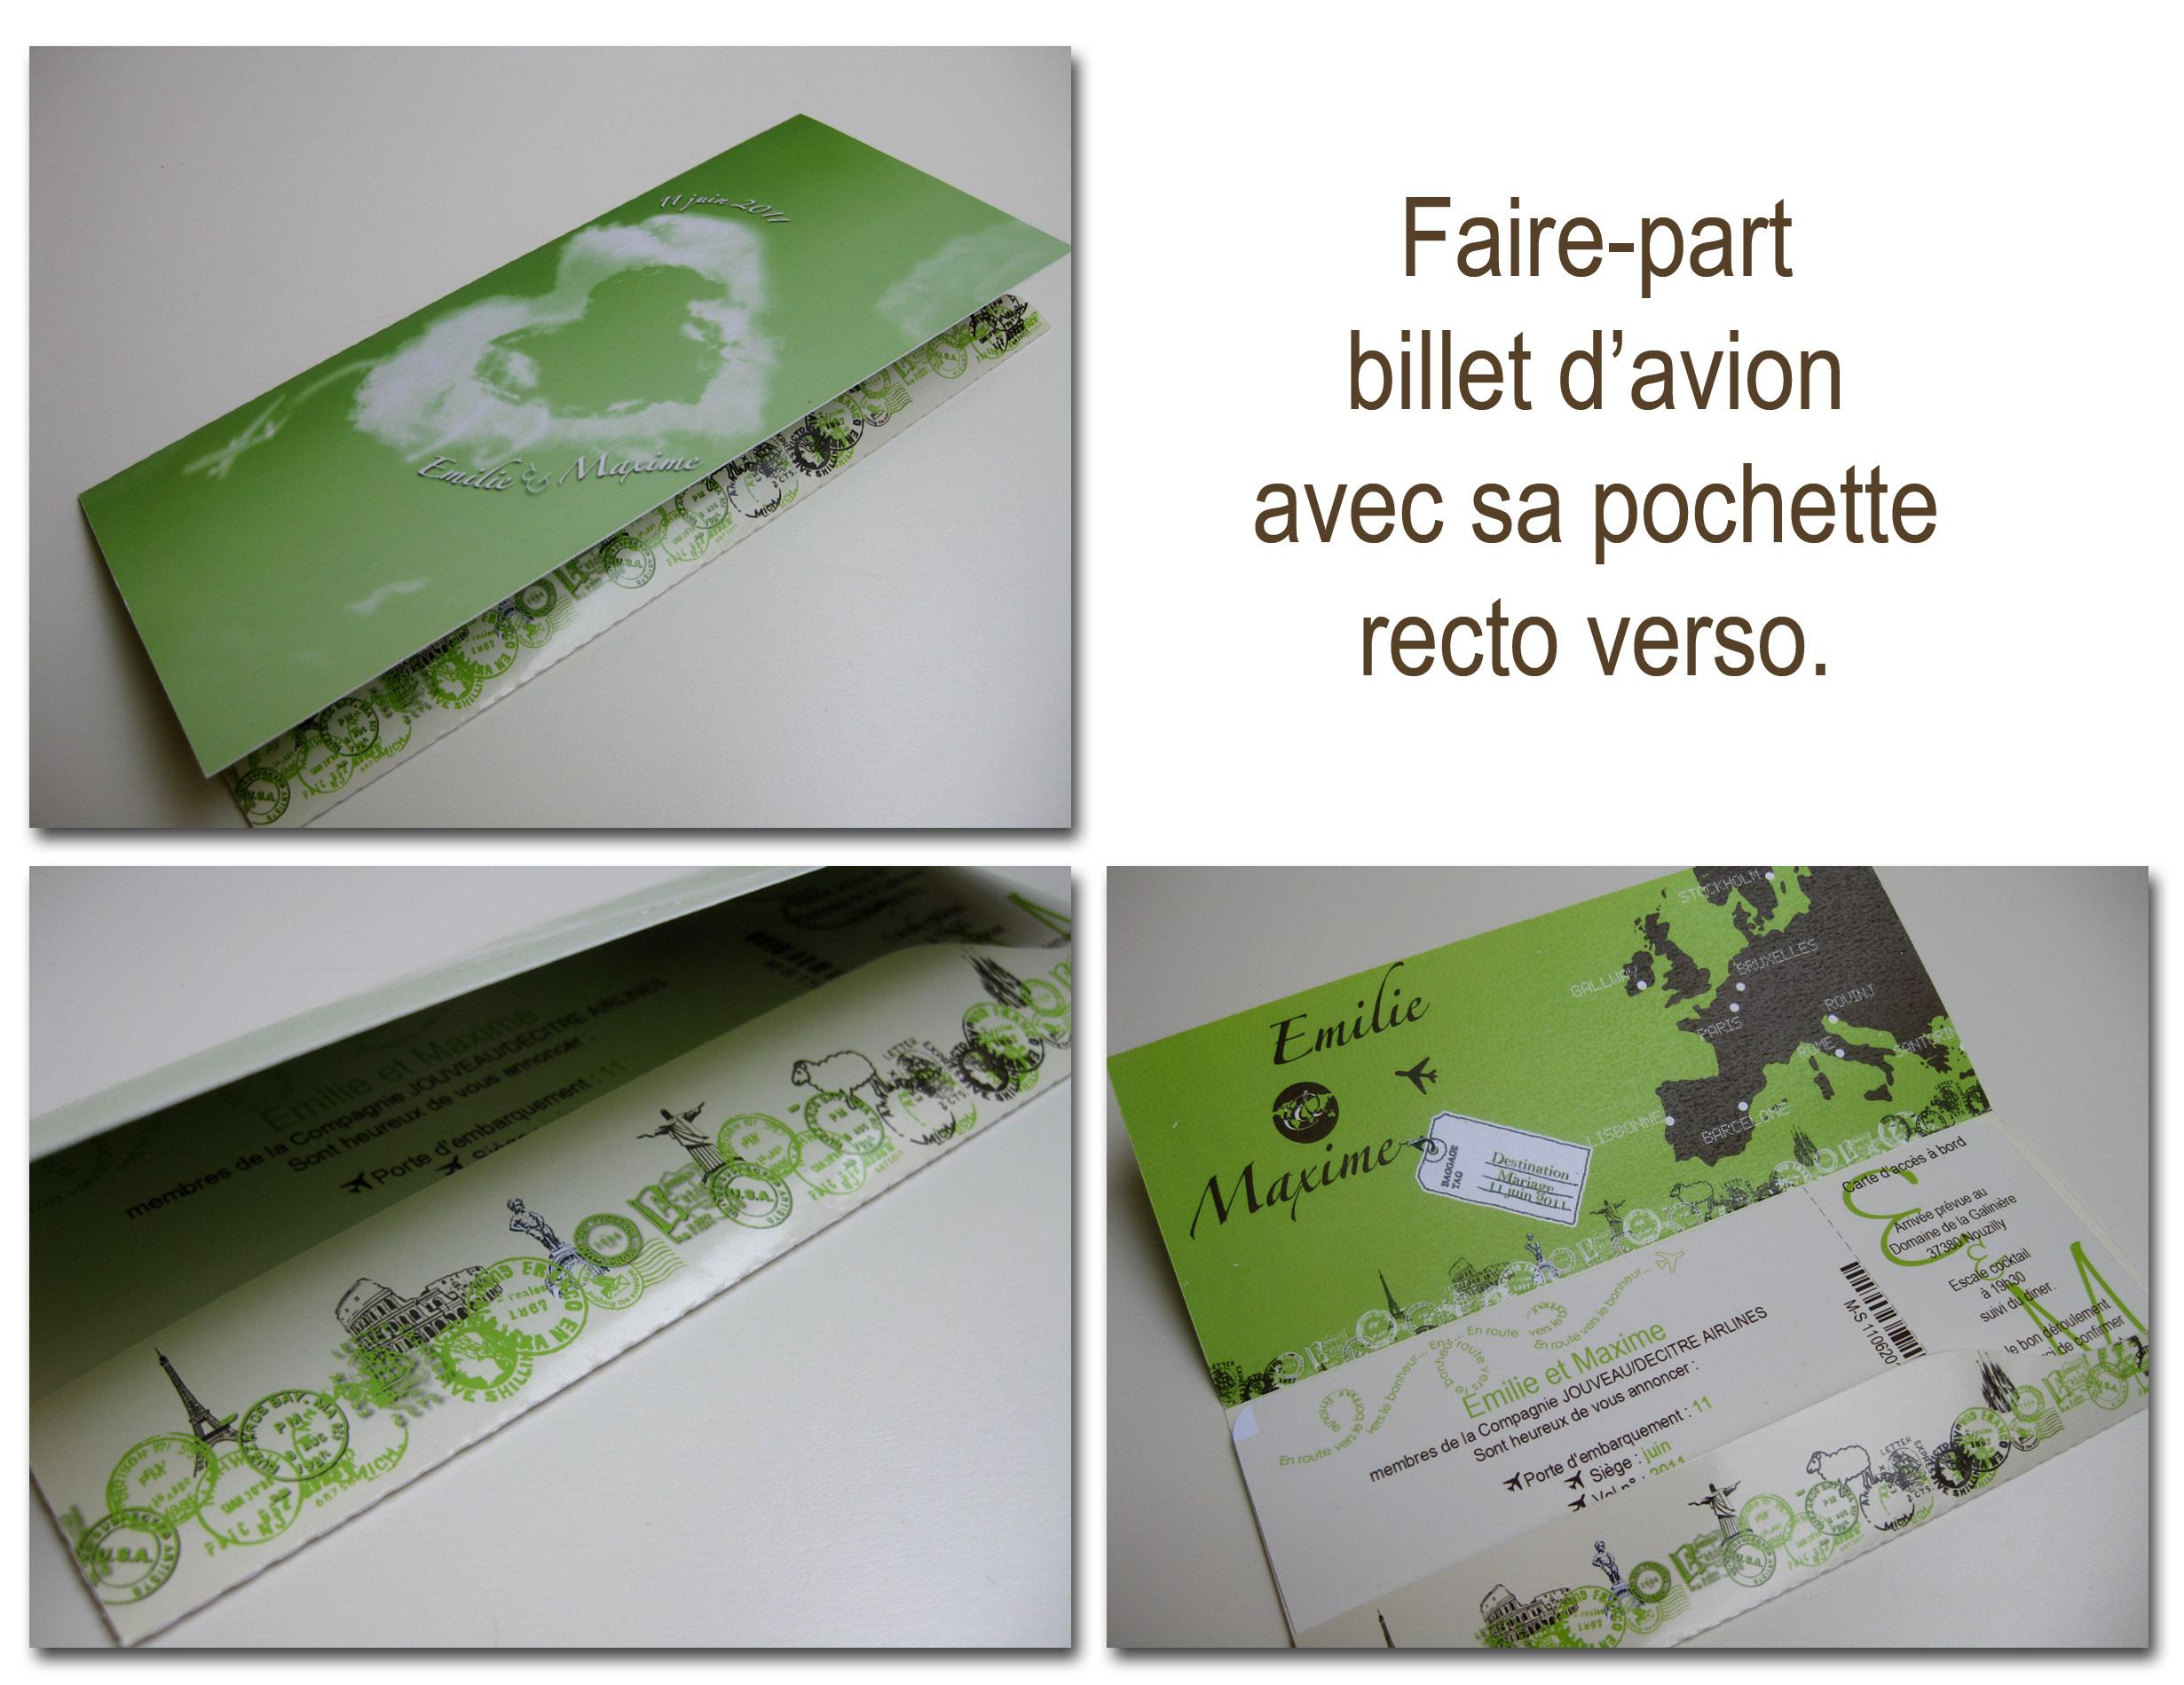 faire part billet davion vert marron et ivoire - Faire Part Mariage Billet D Avion